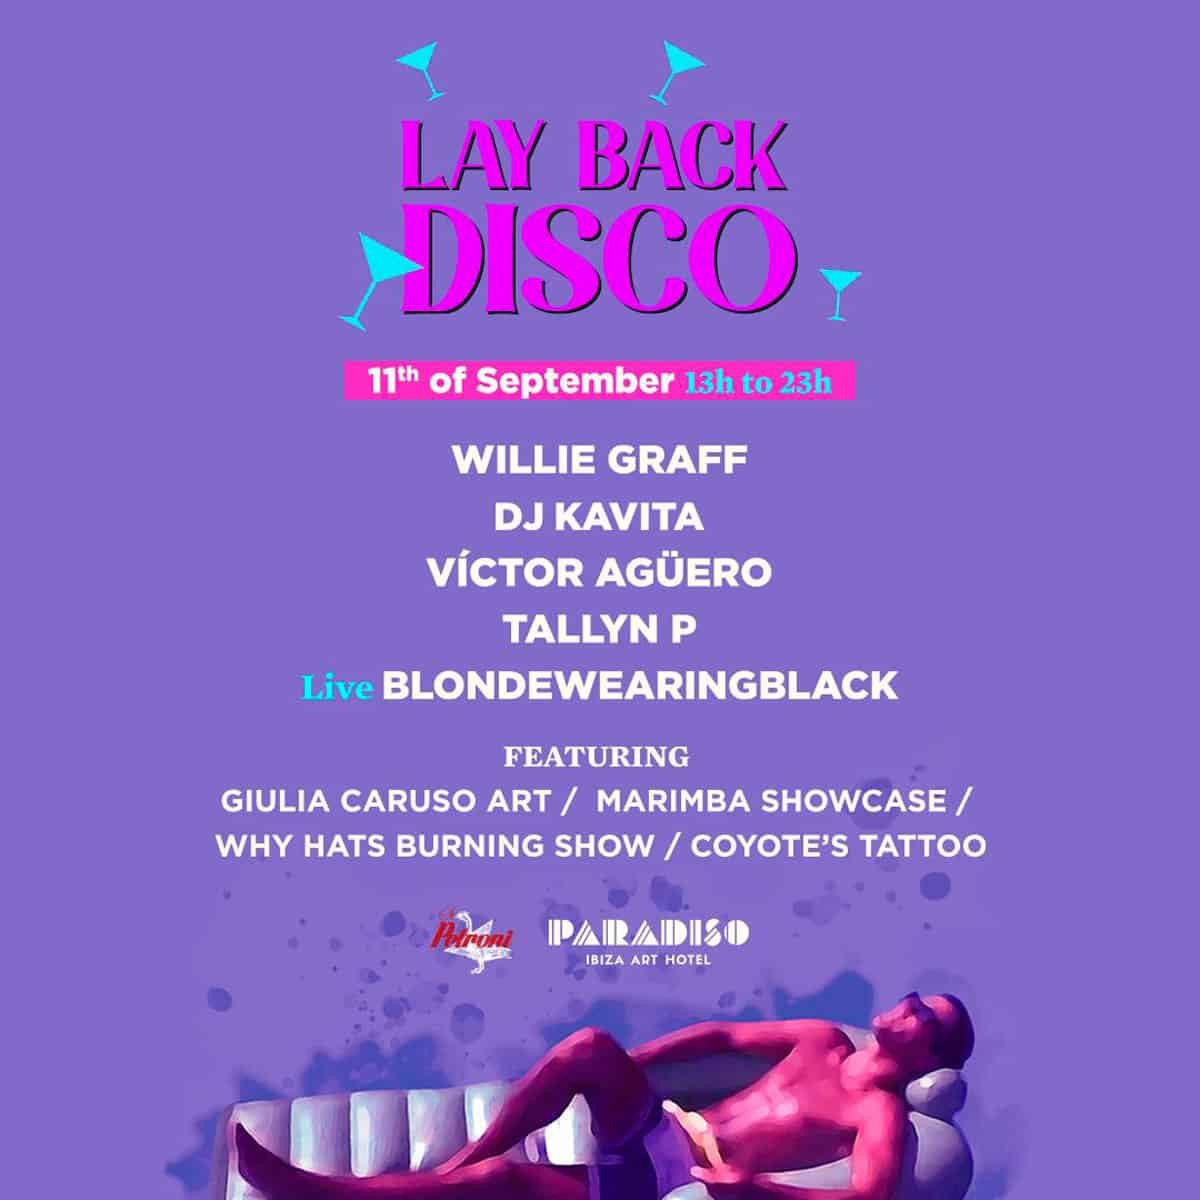 lay-back-disco-paradiso-ibiza-art-hotel-2021-welcometoibiza